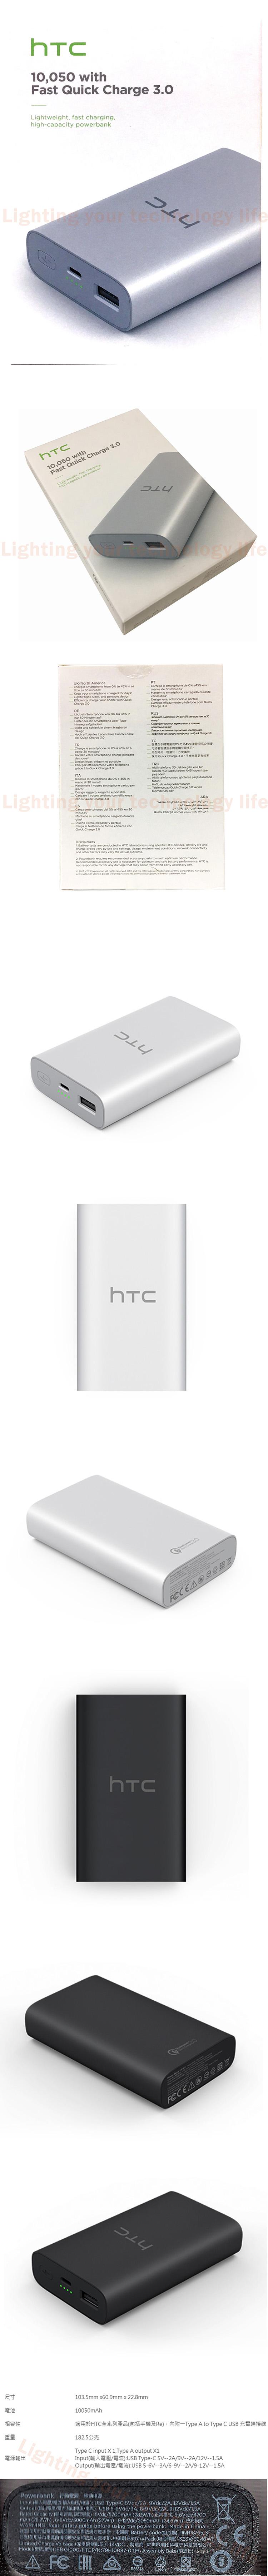 HTC QC 3